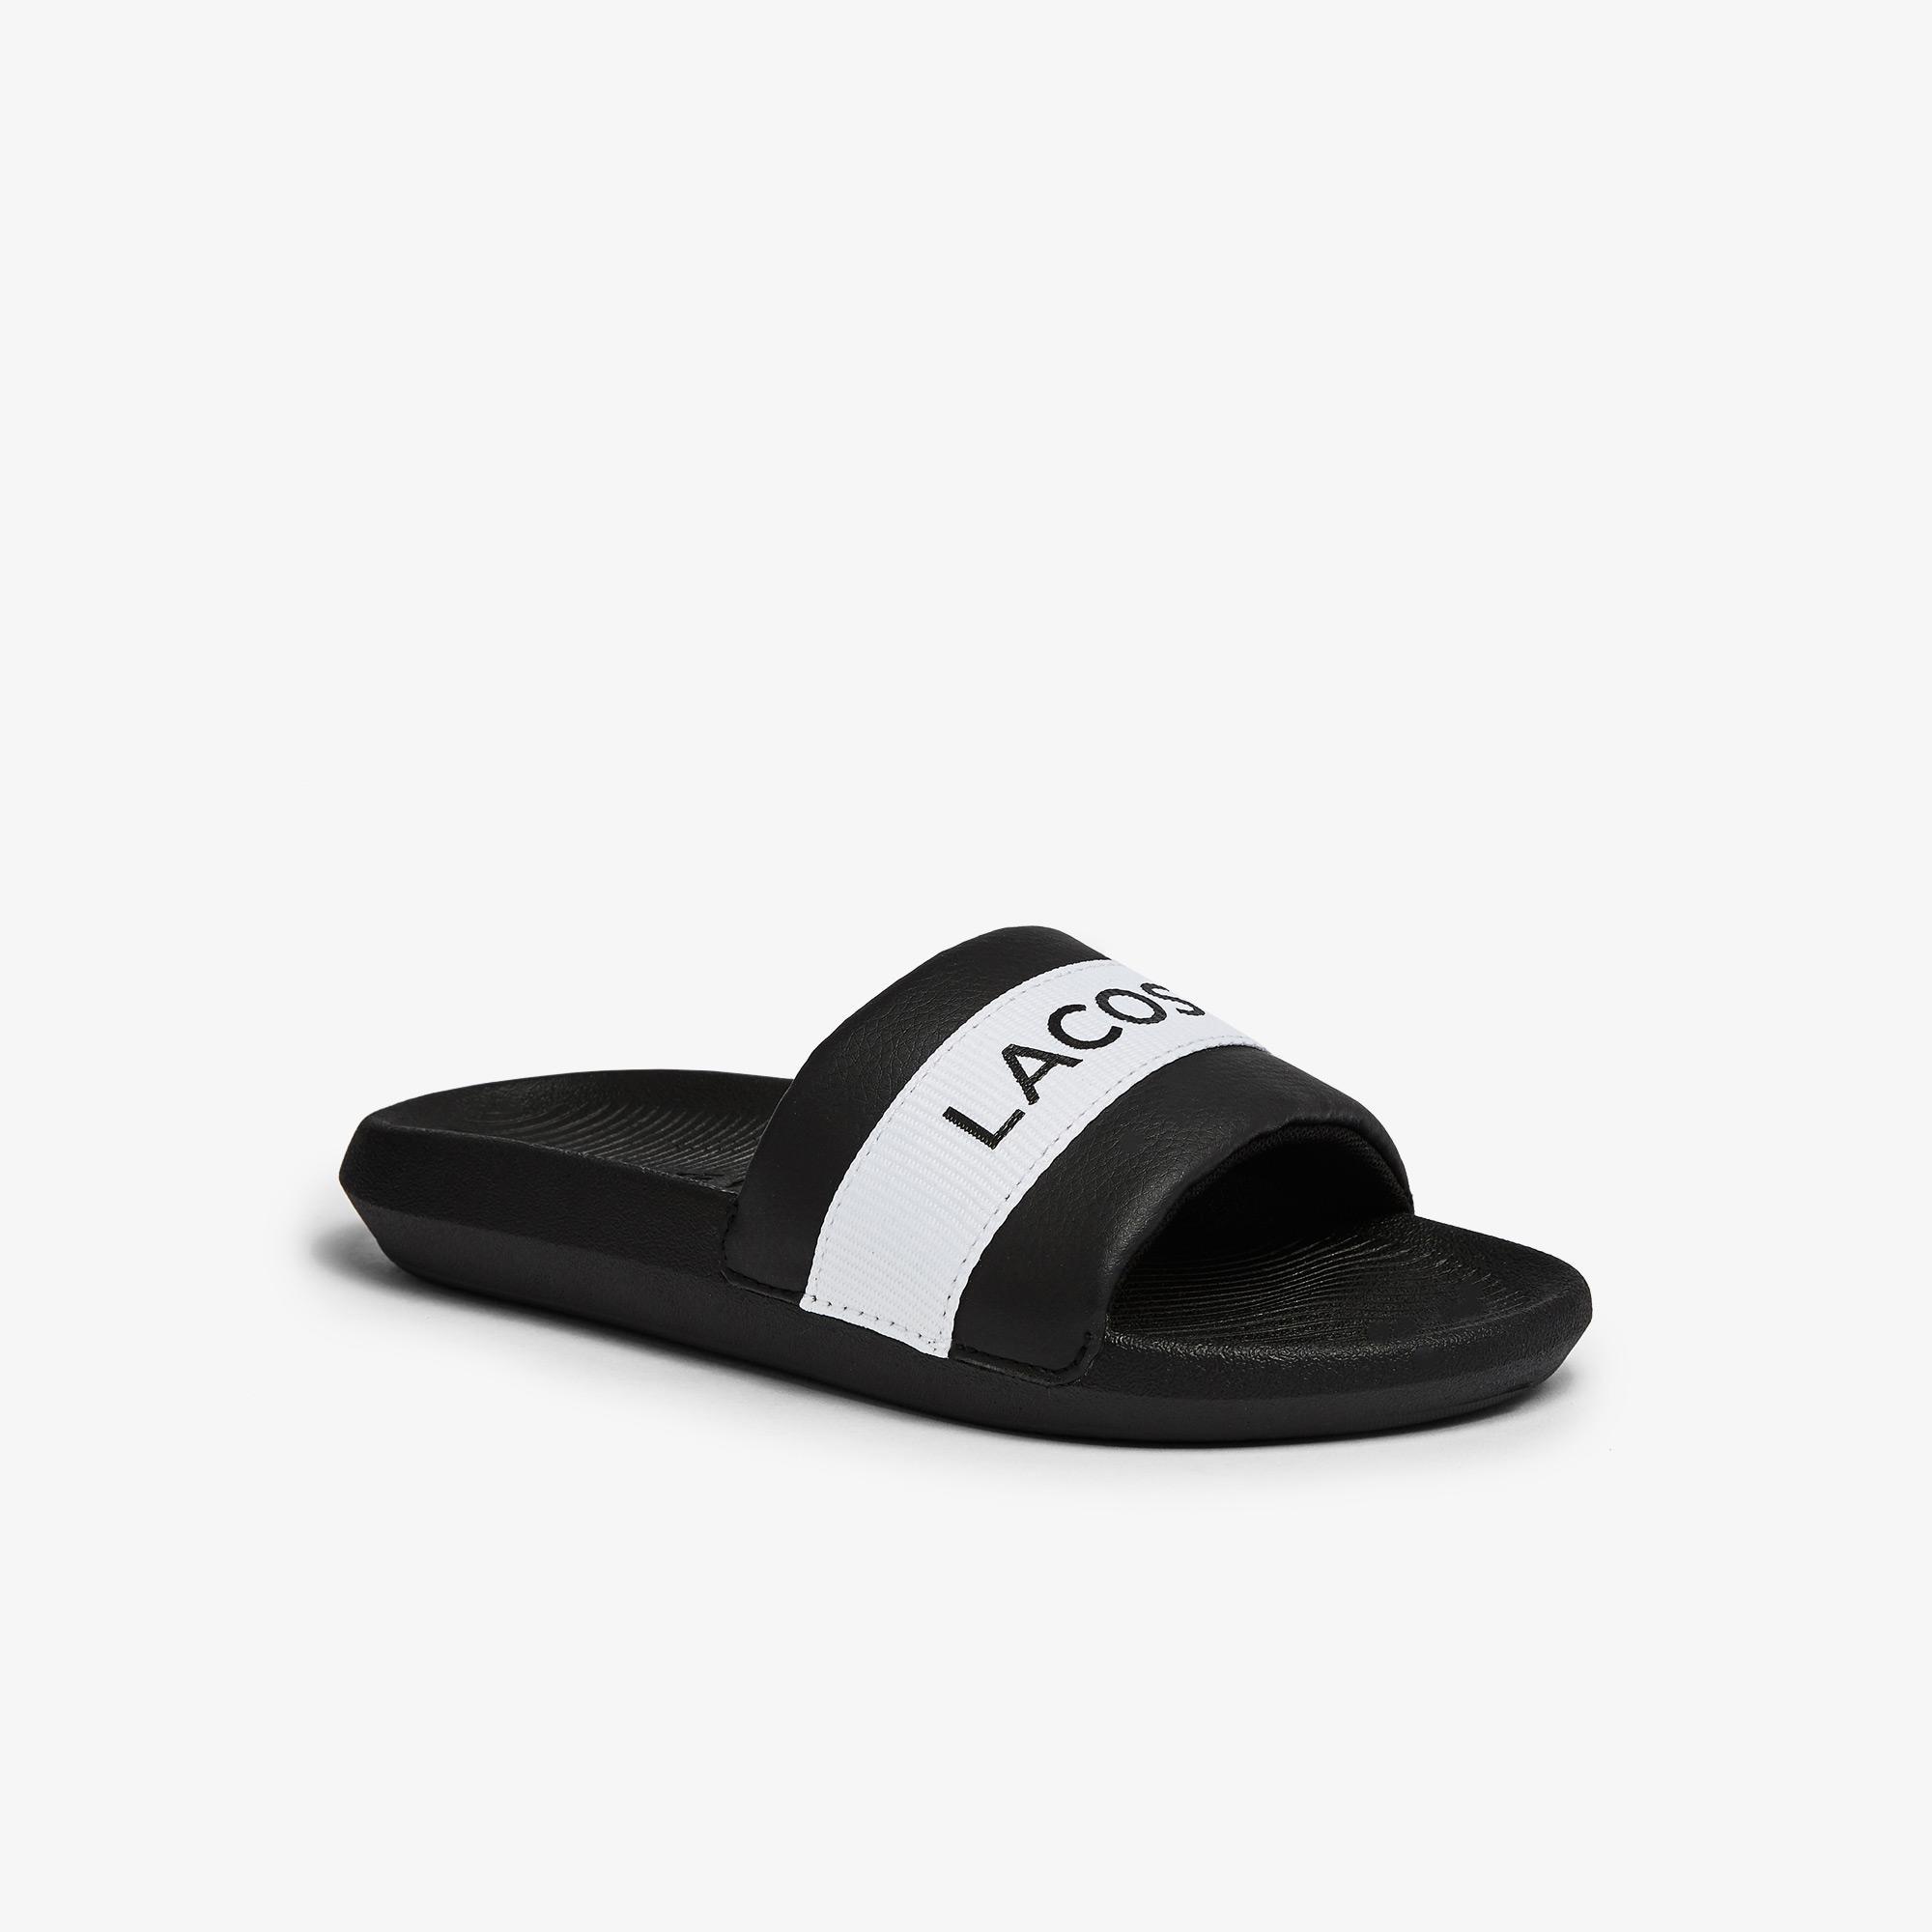 Lacoste Croco Slide 0721 1 Cfa Kadın Siyah - Beyaz Terlik